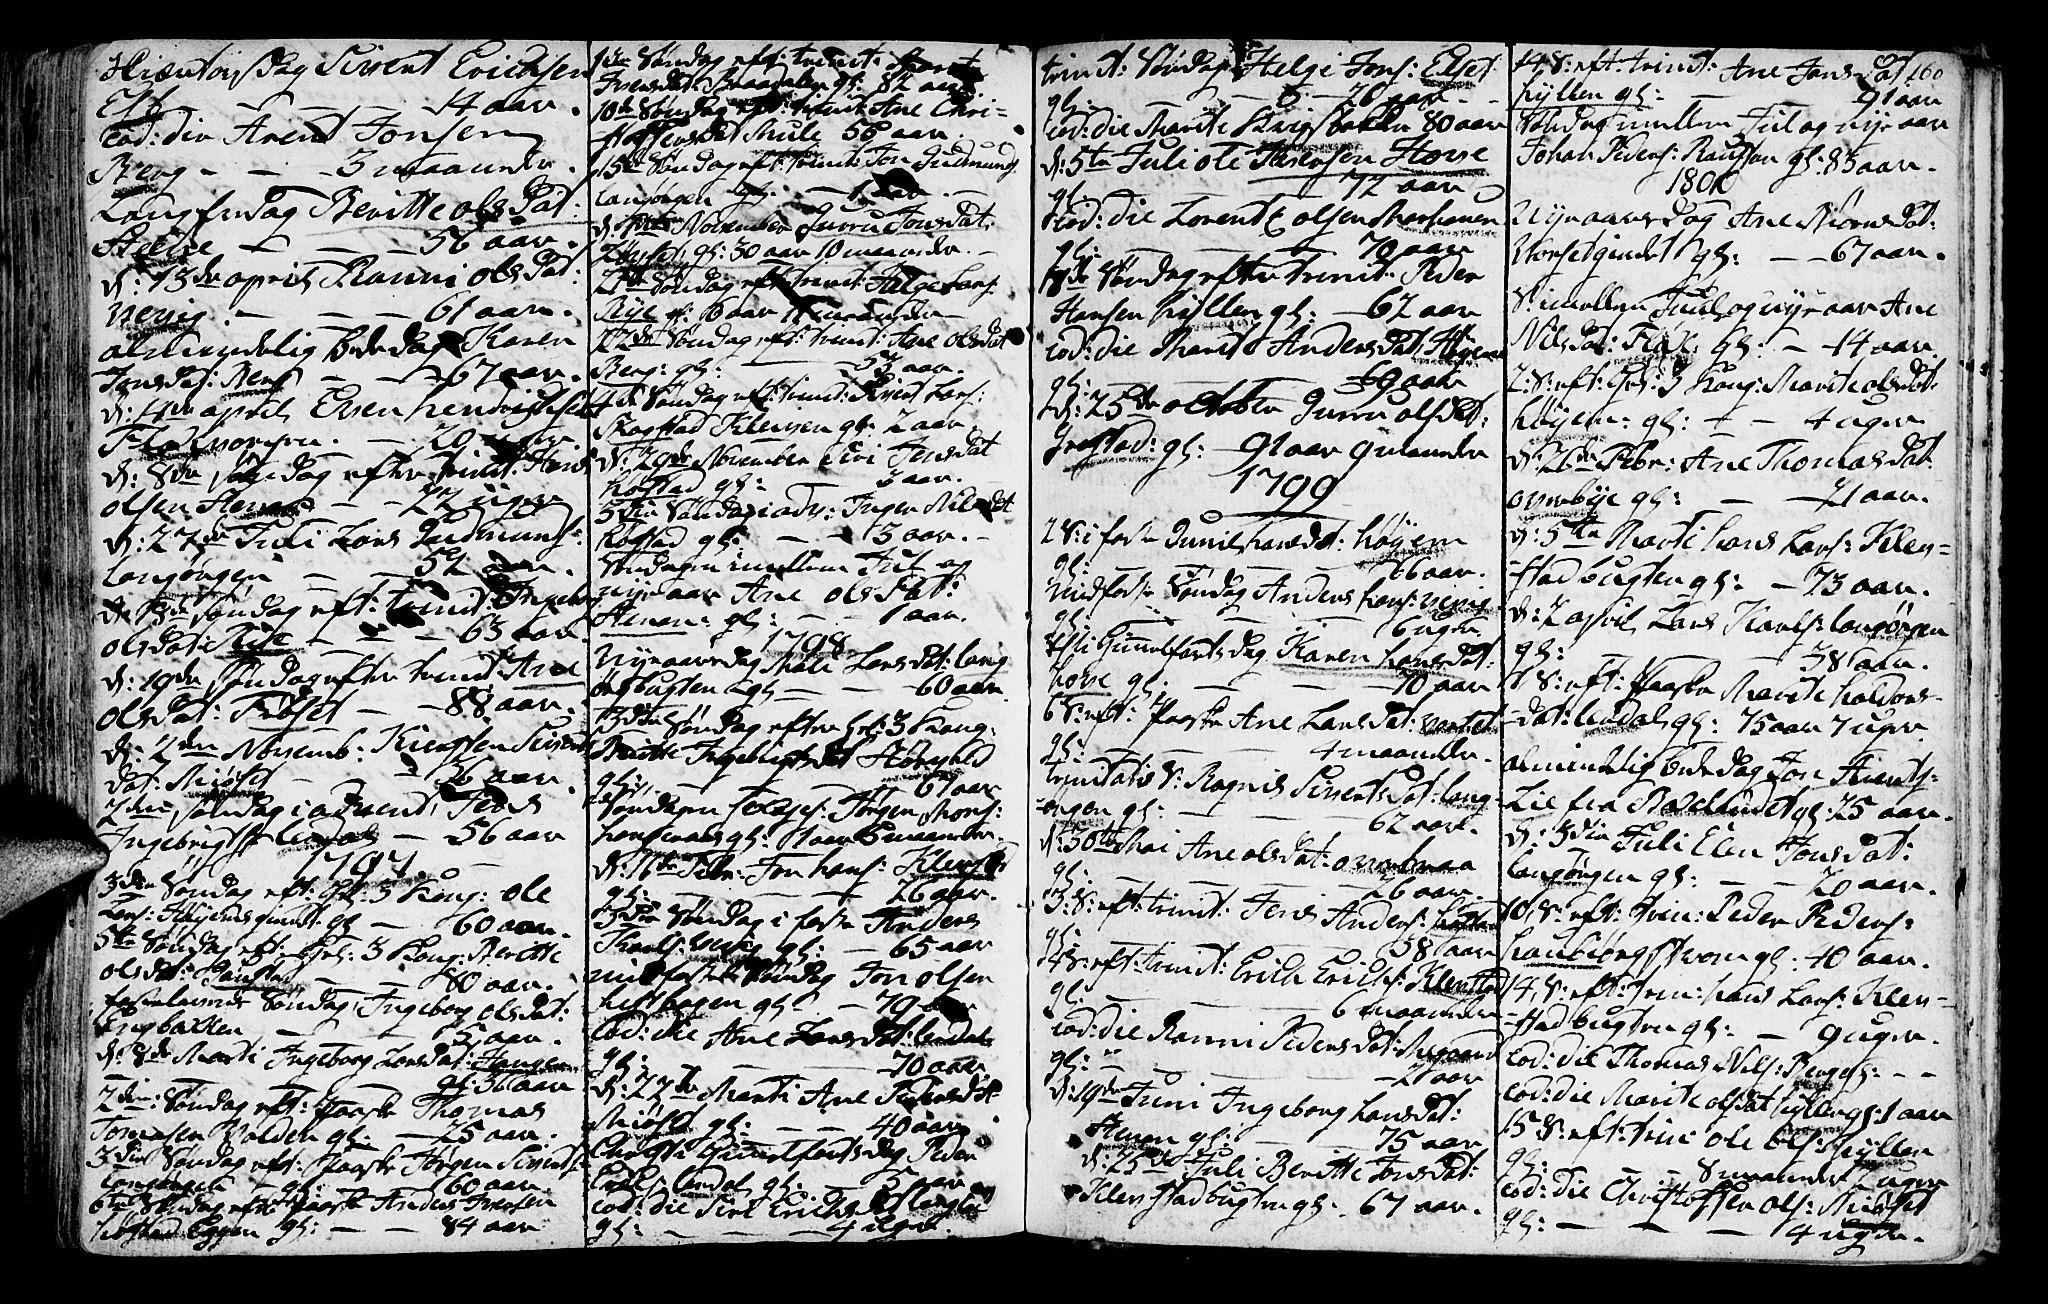 SAT, Ministerialprotokoller, klokkerbøker og fødselsregistre - Sør-Trøndelag, 612/L0370: Ministerialbok nr. 612A04, 1754-1802, s. 160